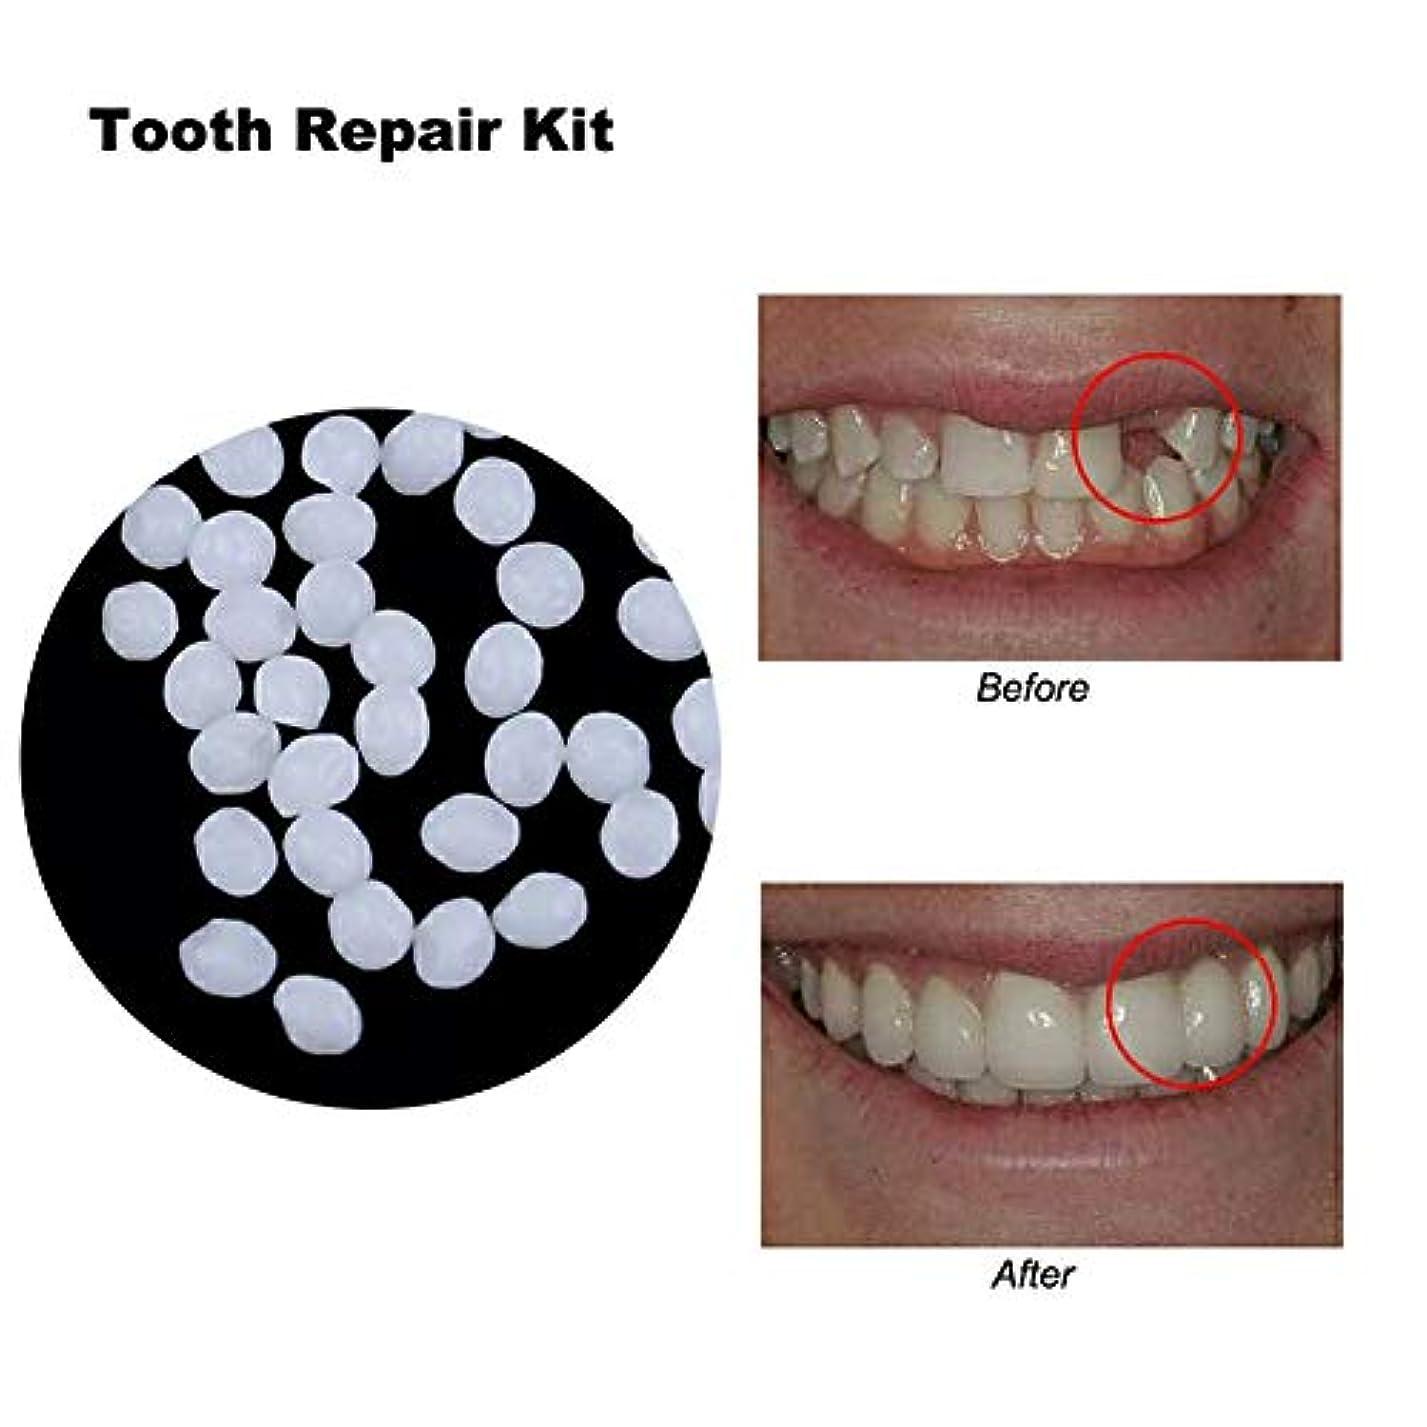 反響する信頼大臣偽歯固体接着剤、樹脂の歯とギャップのための一時的な化粧品の歯の修復キットクリエイティブ義歯接着剤,10ml14g